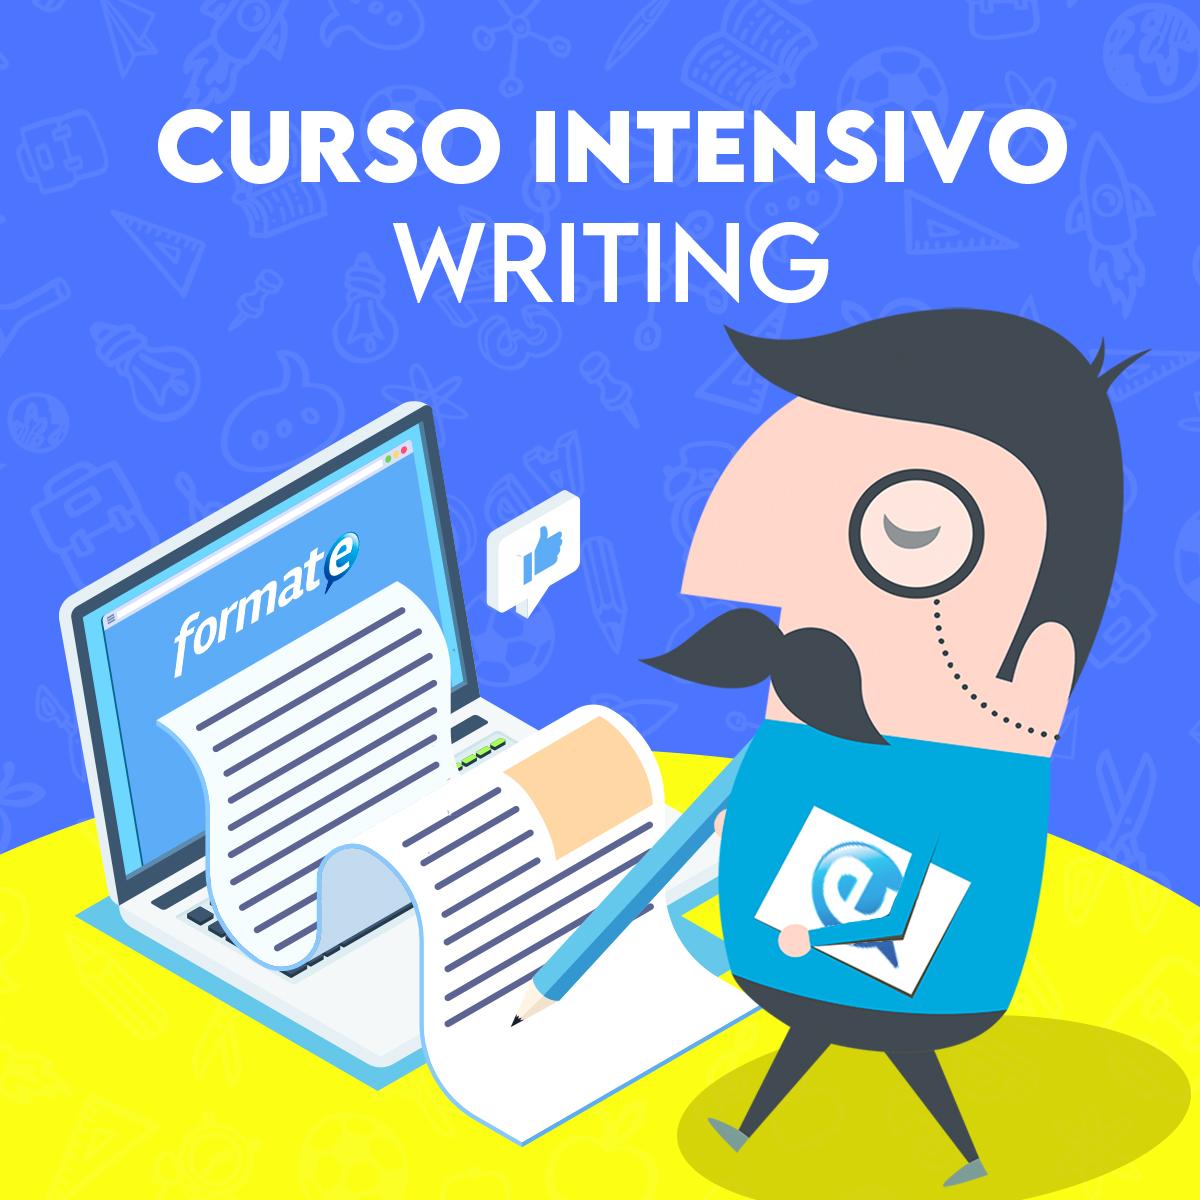 curso de writing online